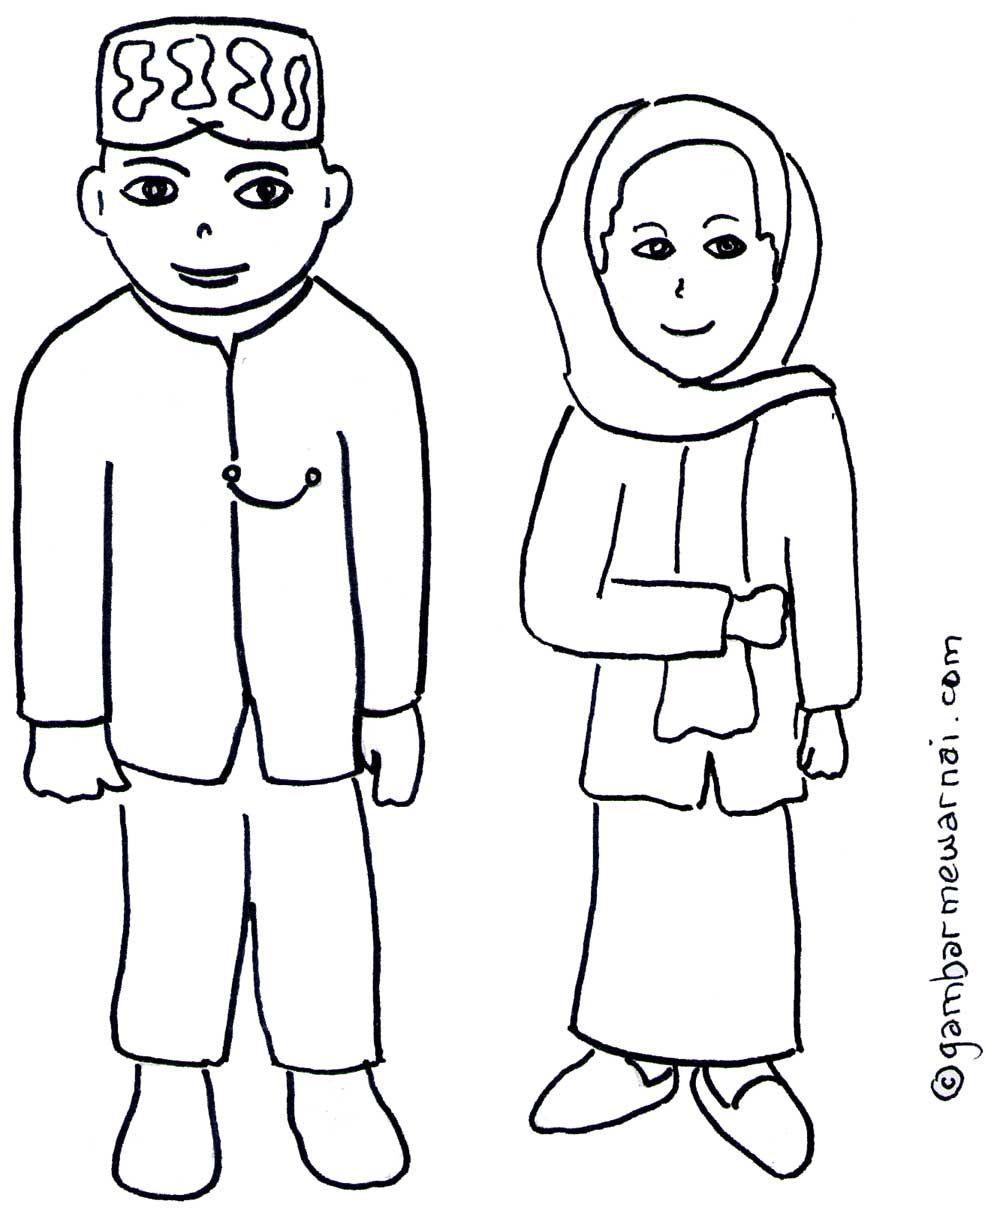 Gambar Mewarnai Pakaian Adat Betawi Cuttie Minangkabau Drawings